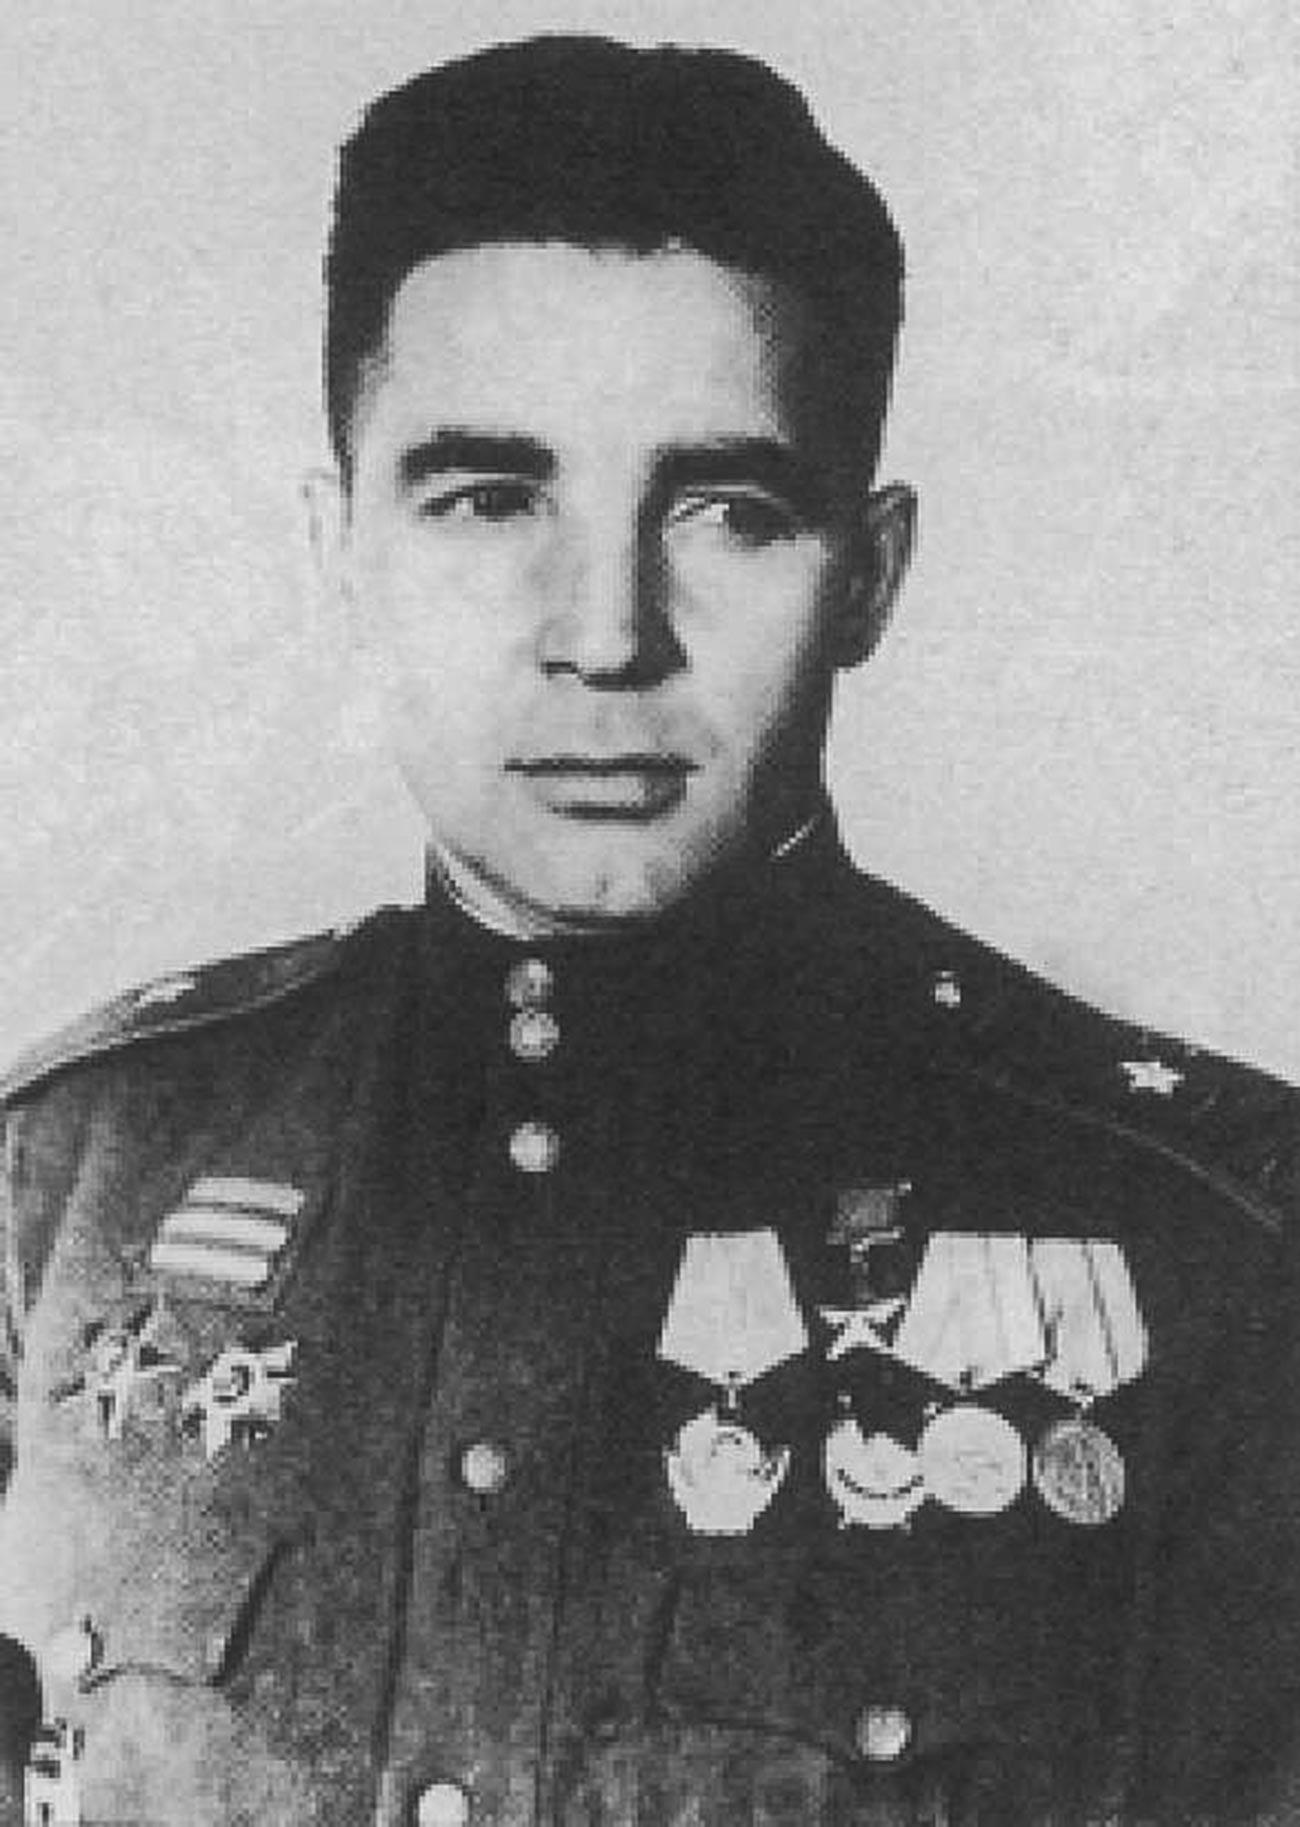 Margelow während des Zweiten Weltkriegs.